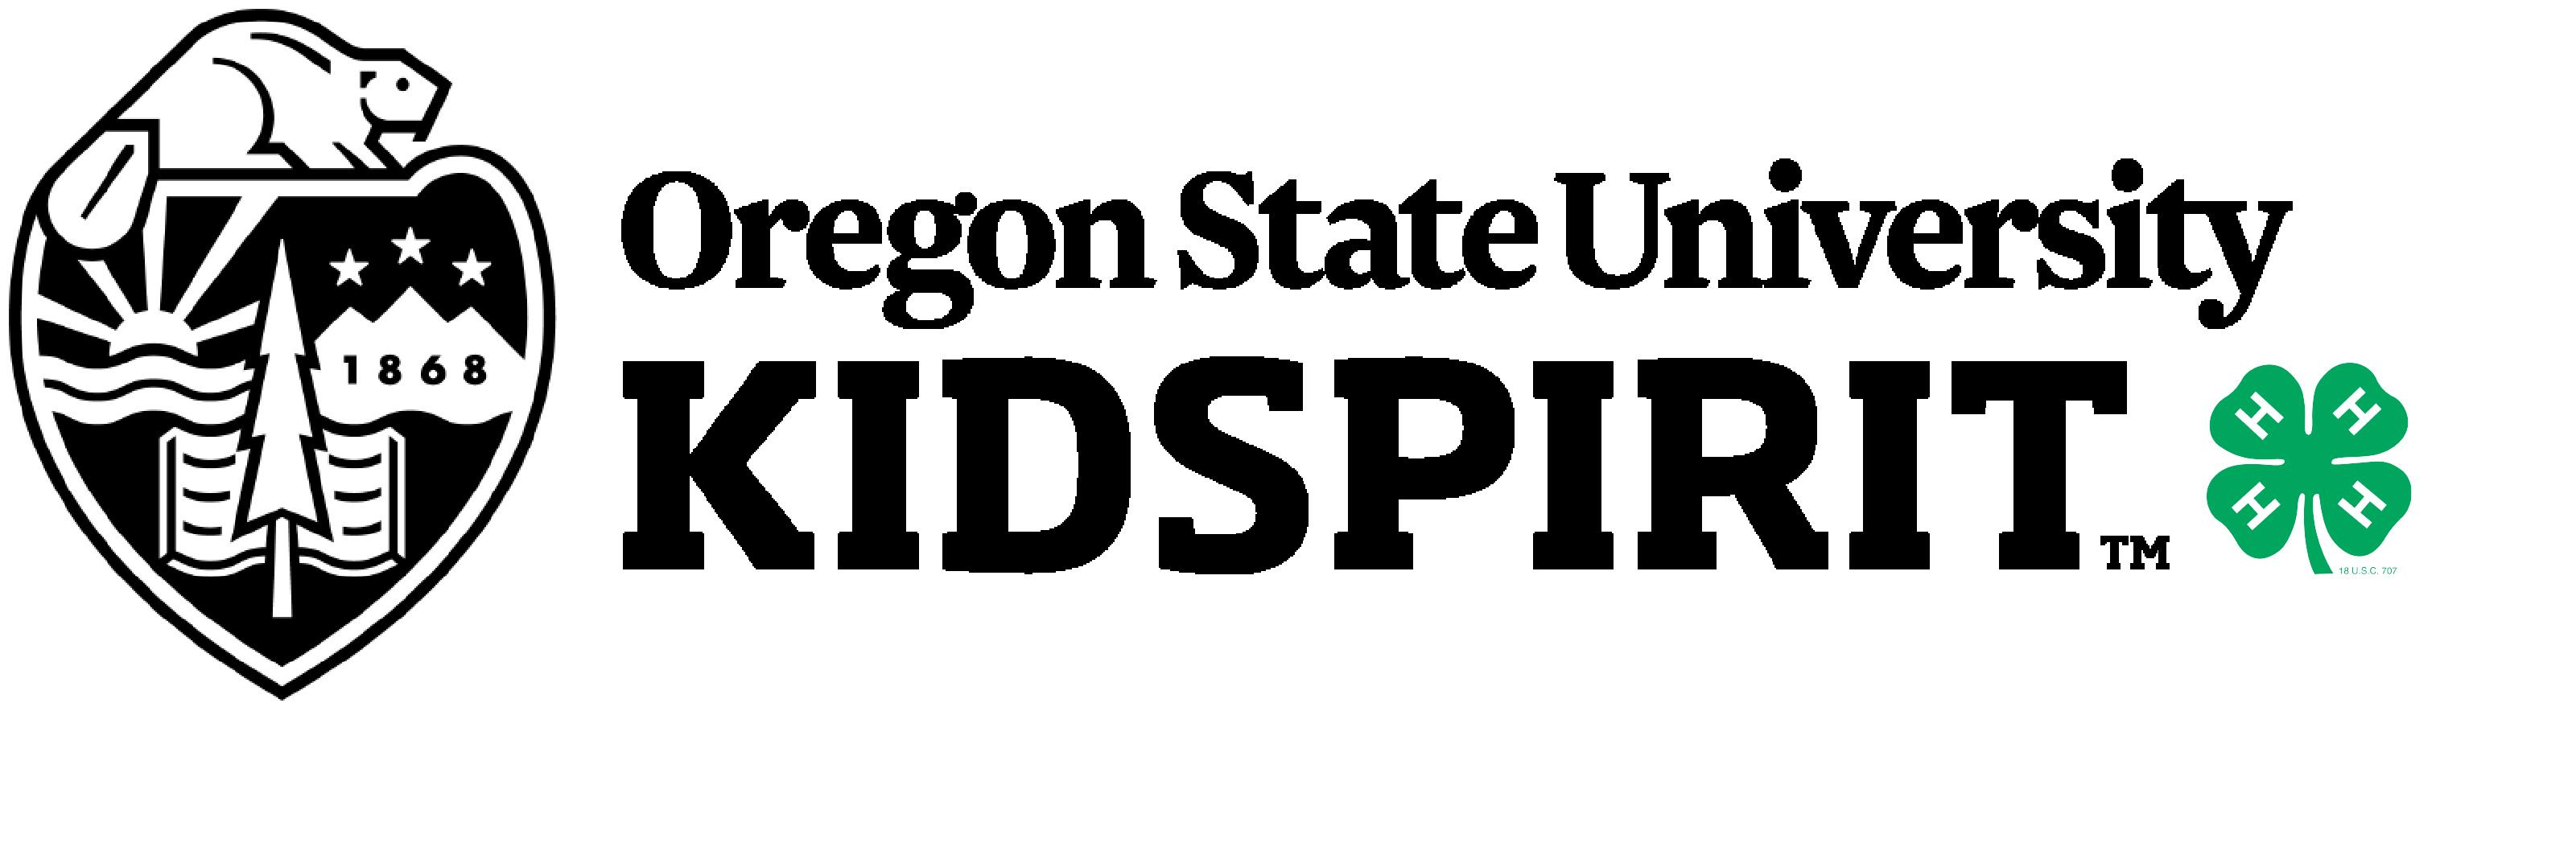 OSU Kidspirit logo